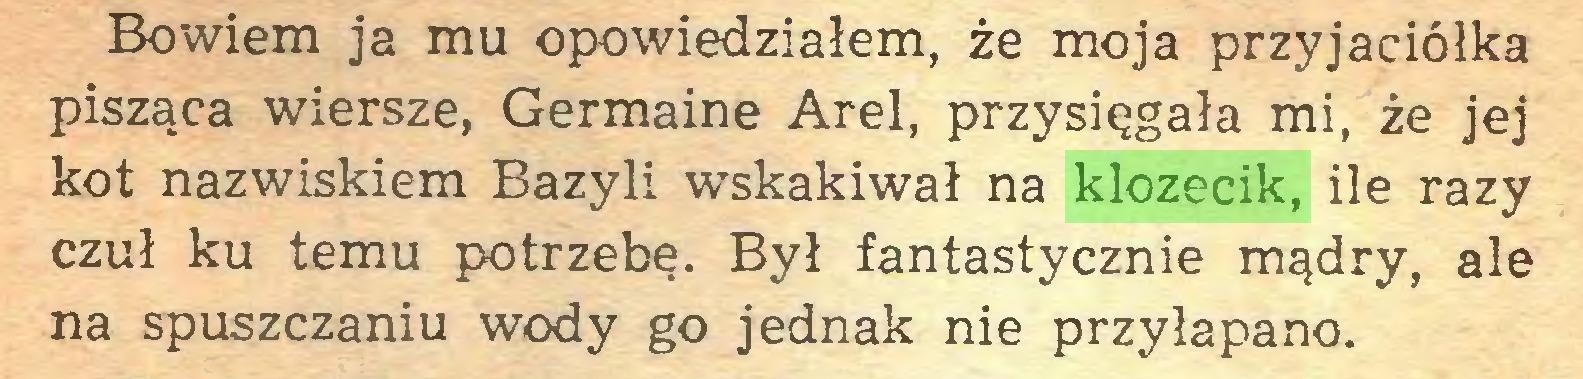 (...) Bowiem ja mu opowiedziałem, że moja przyjaciółka pisząca wiersze, Germaine Arel, przysięgała mi, że jej kot nazwiskiem Bazyli wskakiwał na klozecik, ile razy czuł ku temu potrzebę. Był fantastycznie mądry, ale na spuszczaniu wody go jednak nie przyłapano...